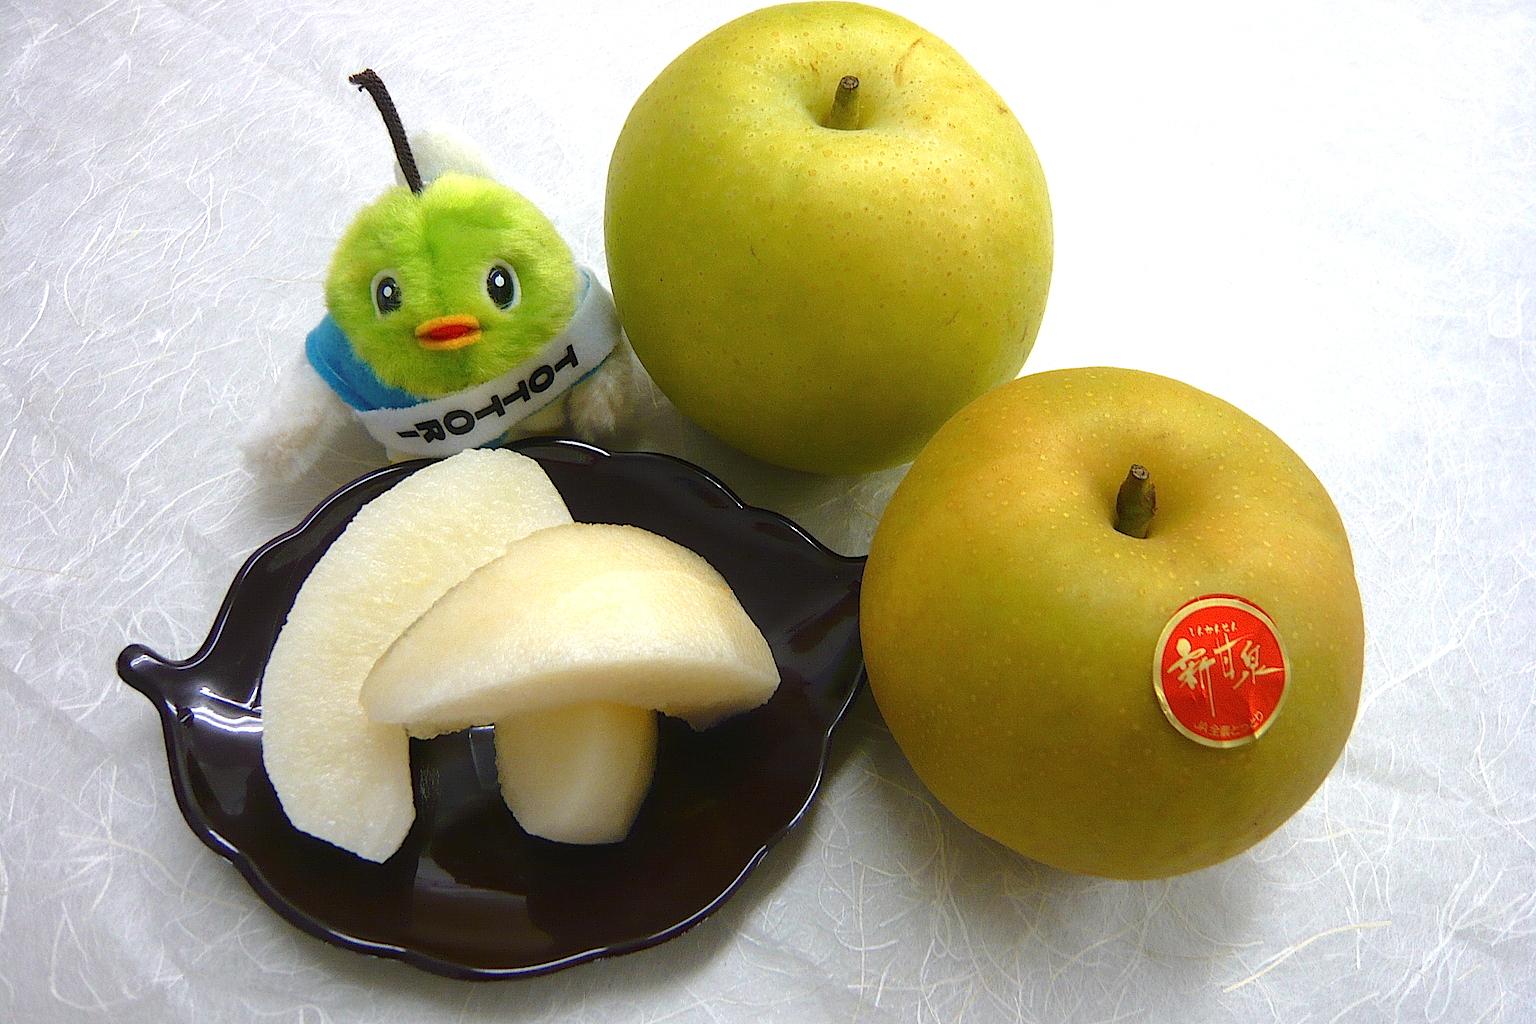 鳥取人気お土産ランキングTOP15!おすすめ銘菓・名産品を紹介します!